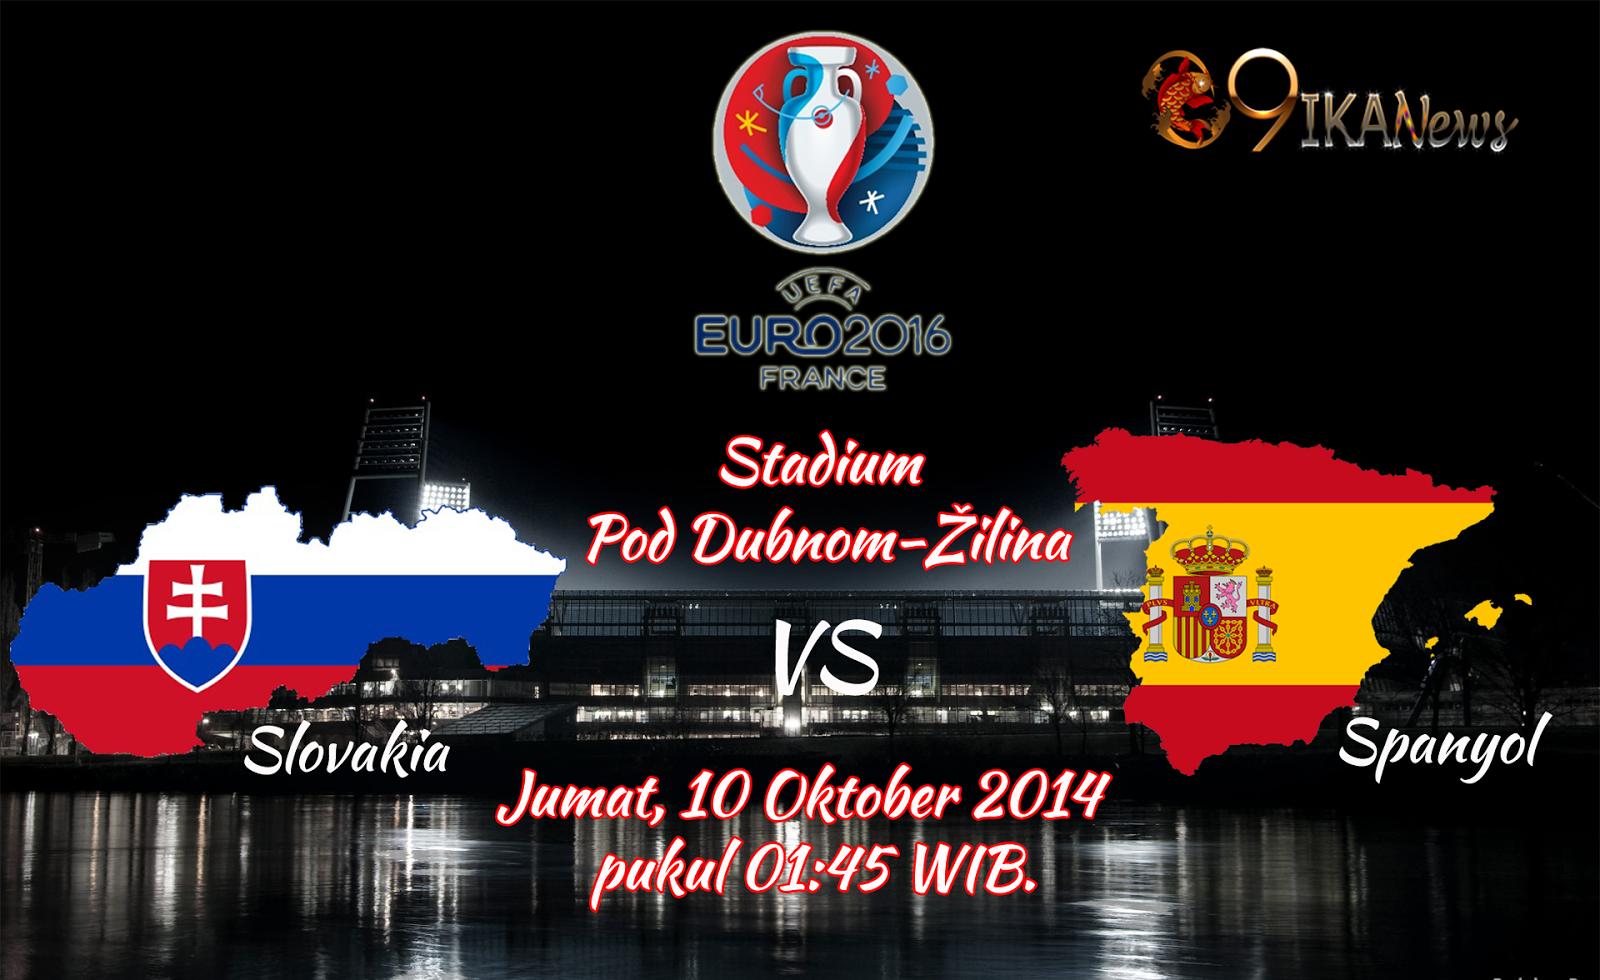 Prediksi Skor Bola Slovakia Vs Spanyol 10 Oktober 2014